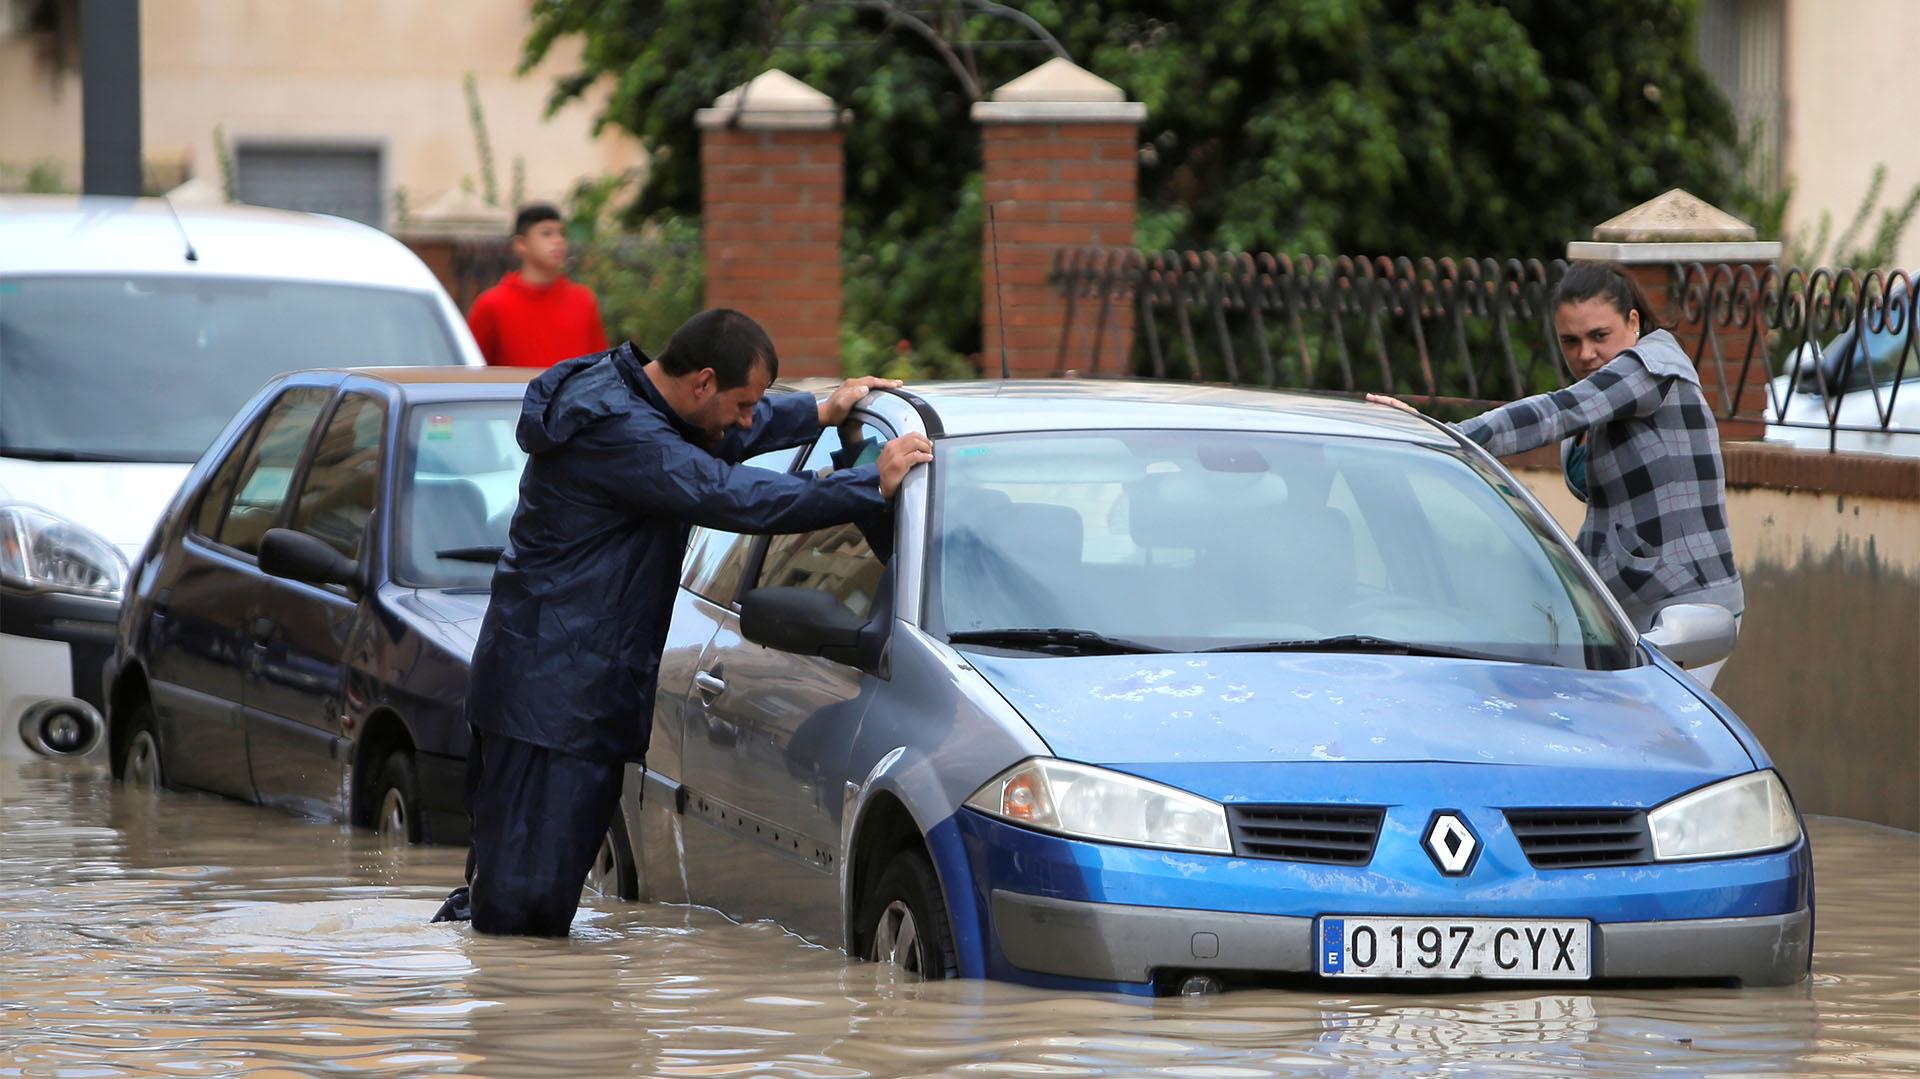 Dos personas junto a un auto parcialmente sumergido tras lluvias torrenciales en Orihuela (REUTERS/Jon Nazca)